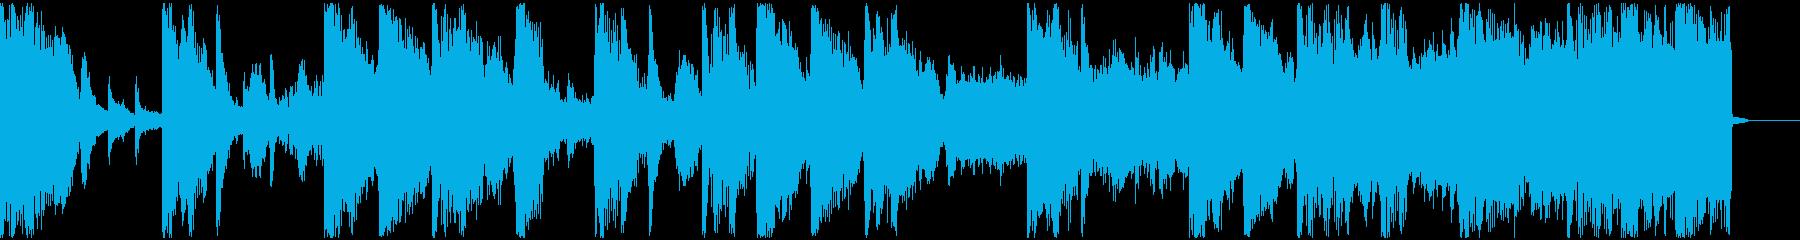 【ミステリアス】ロング1、ショート2の再生済みの波形